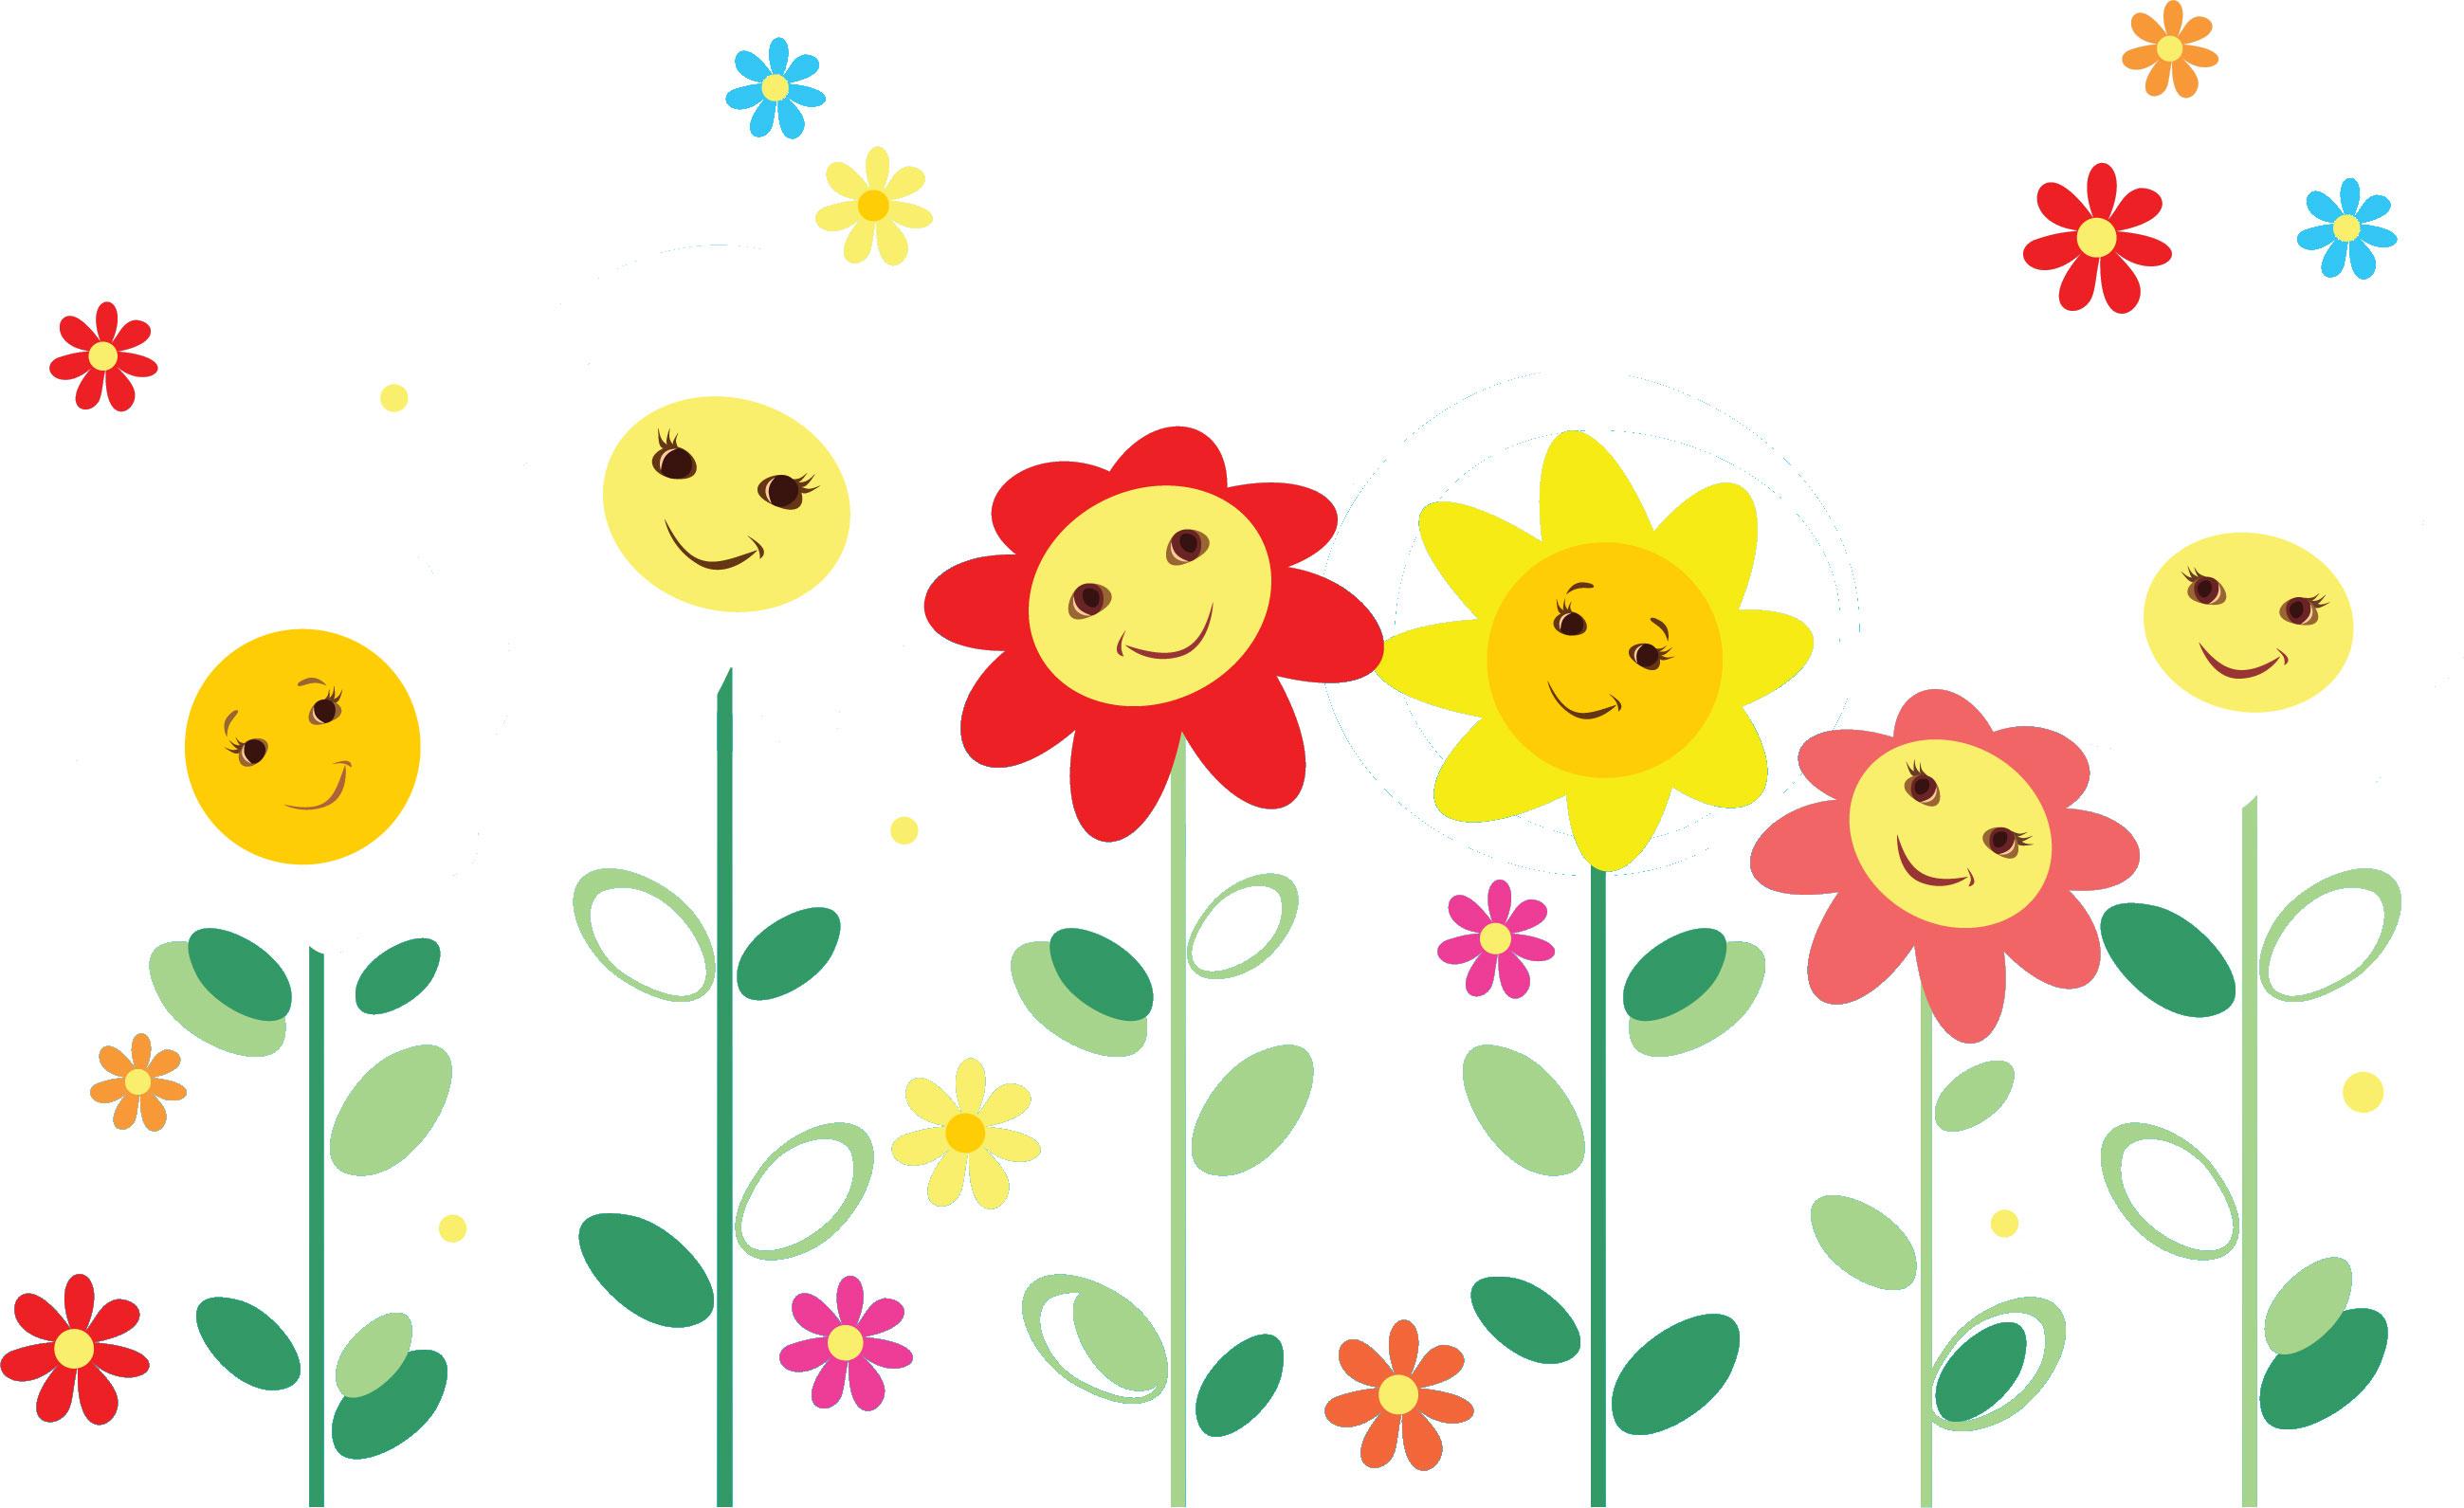 ポップでかわいい花のイラストフリー素材no046フラワーフェイス